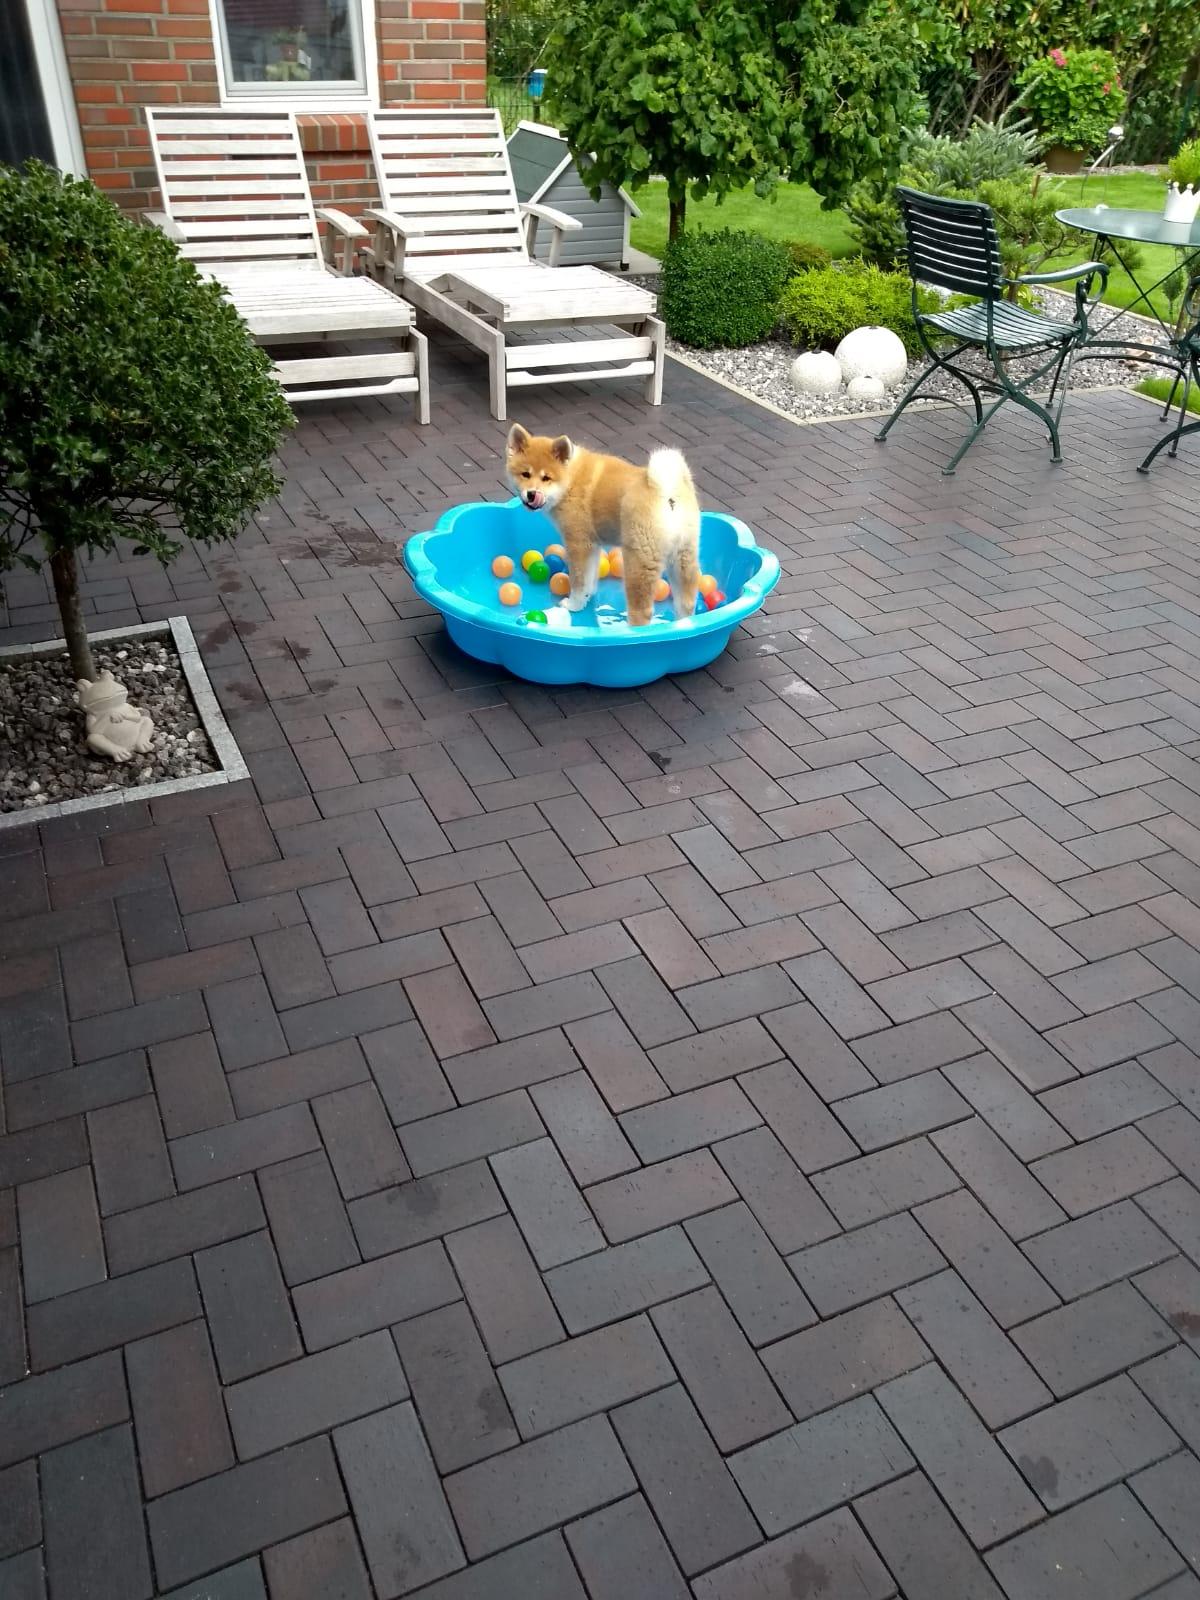 Wie ihre Geschwister findet sie Wasser toll